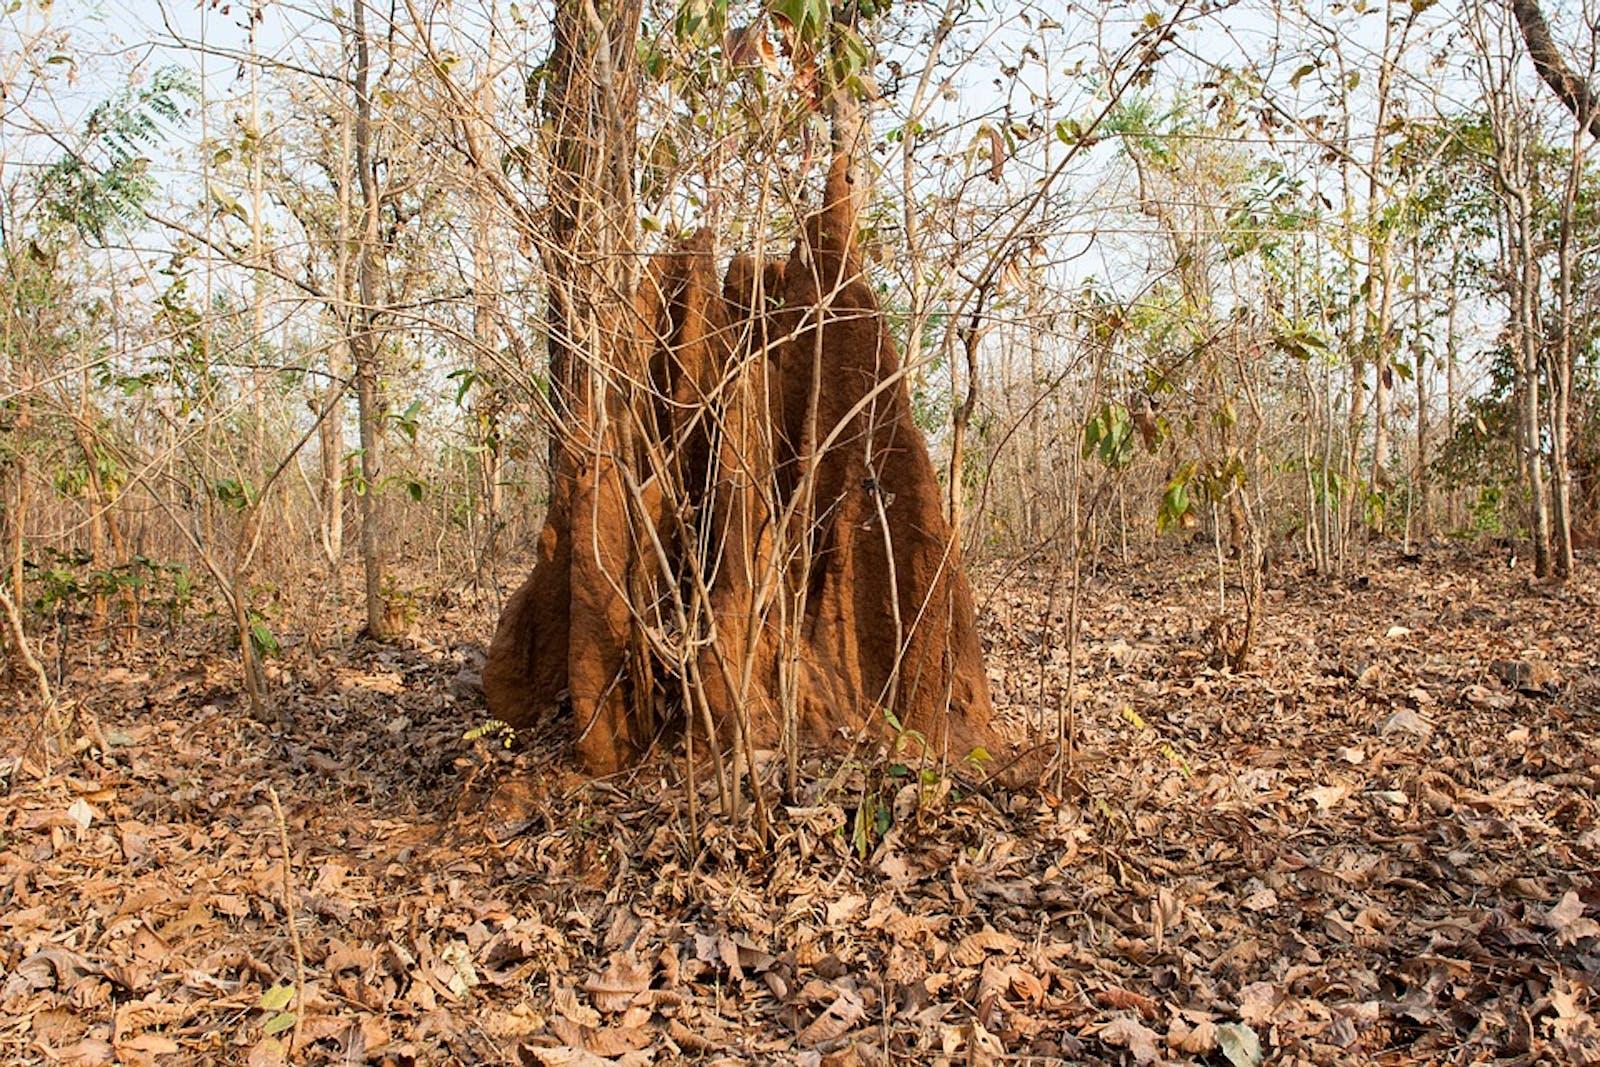 Aravalli West Thorn Scrub Forests